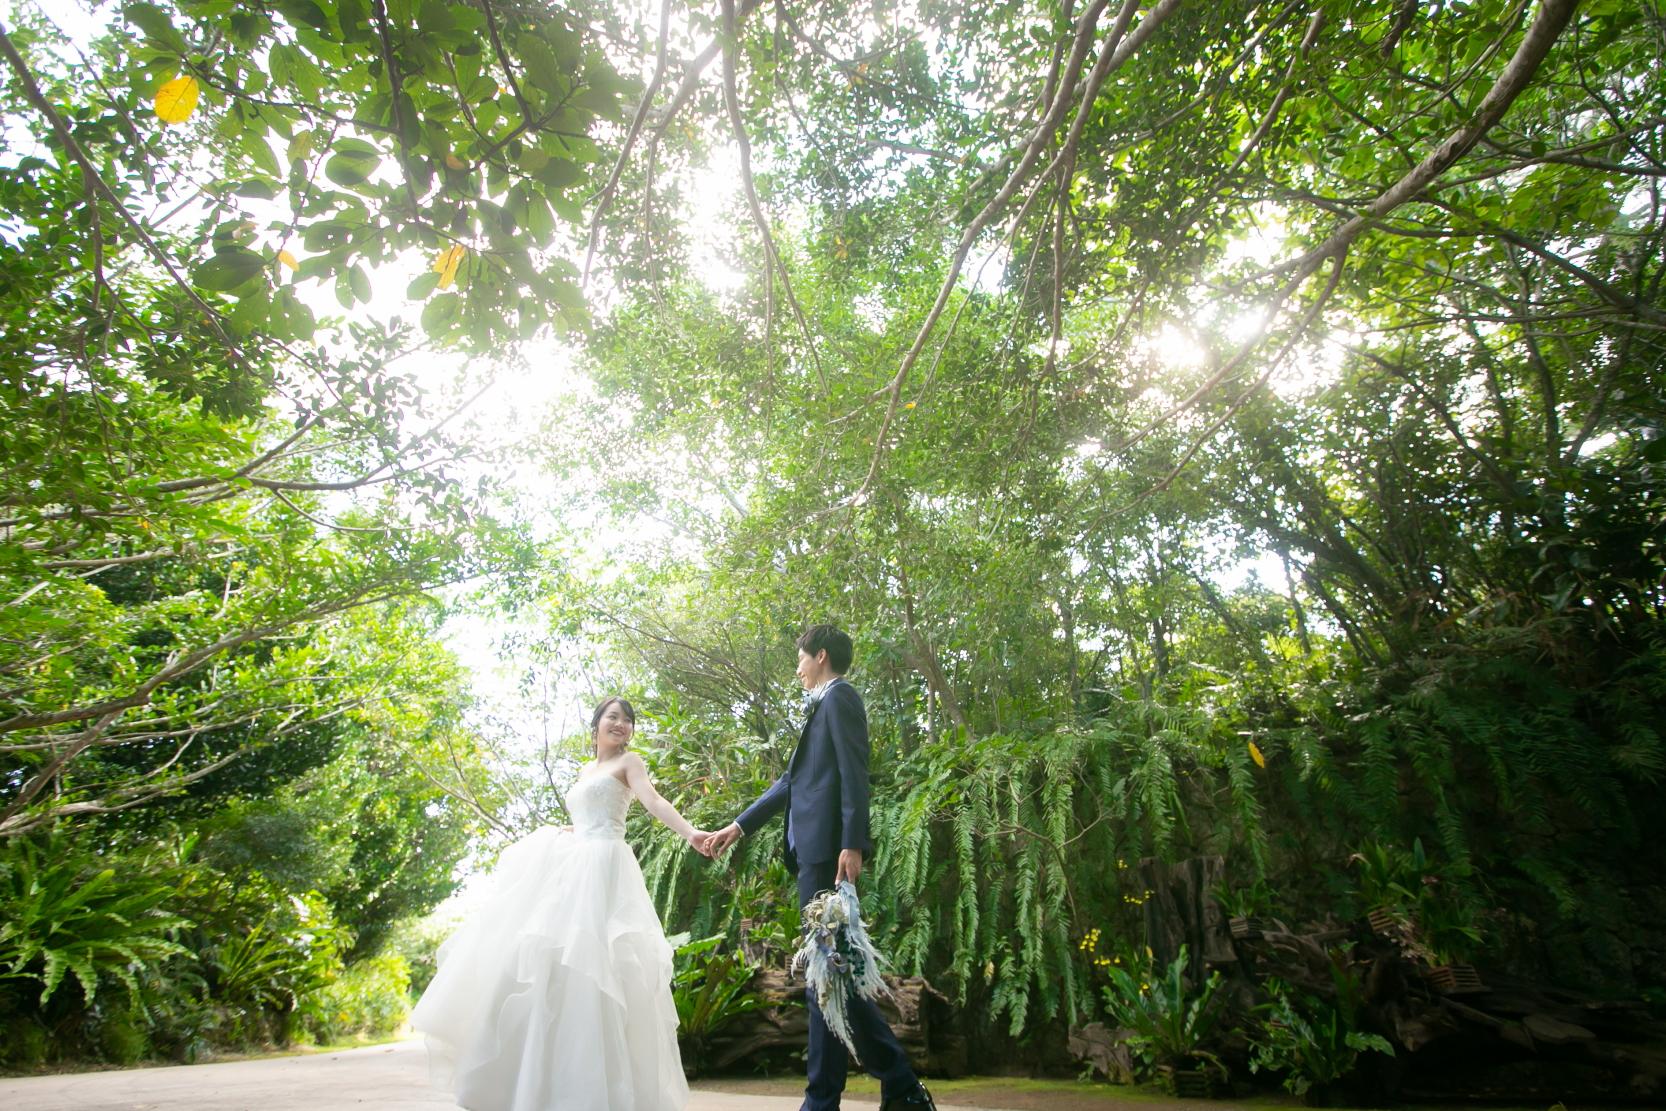 沖縄自然のロケーションフォト フクギ並木、ビオスの丘で写真撮影